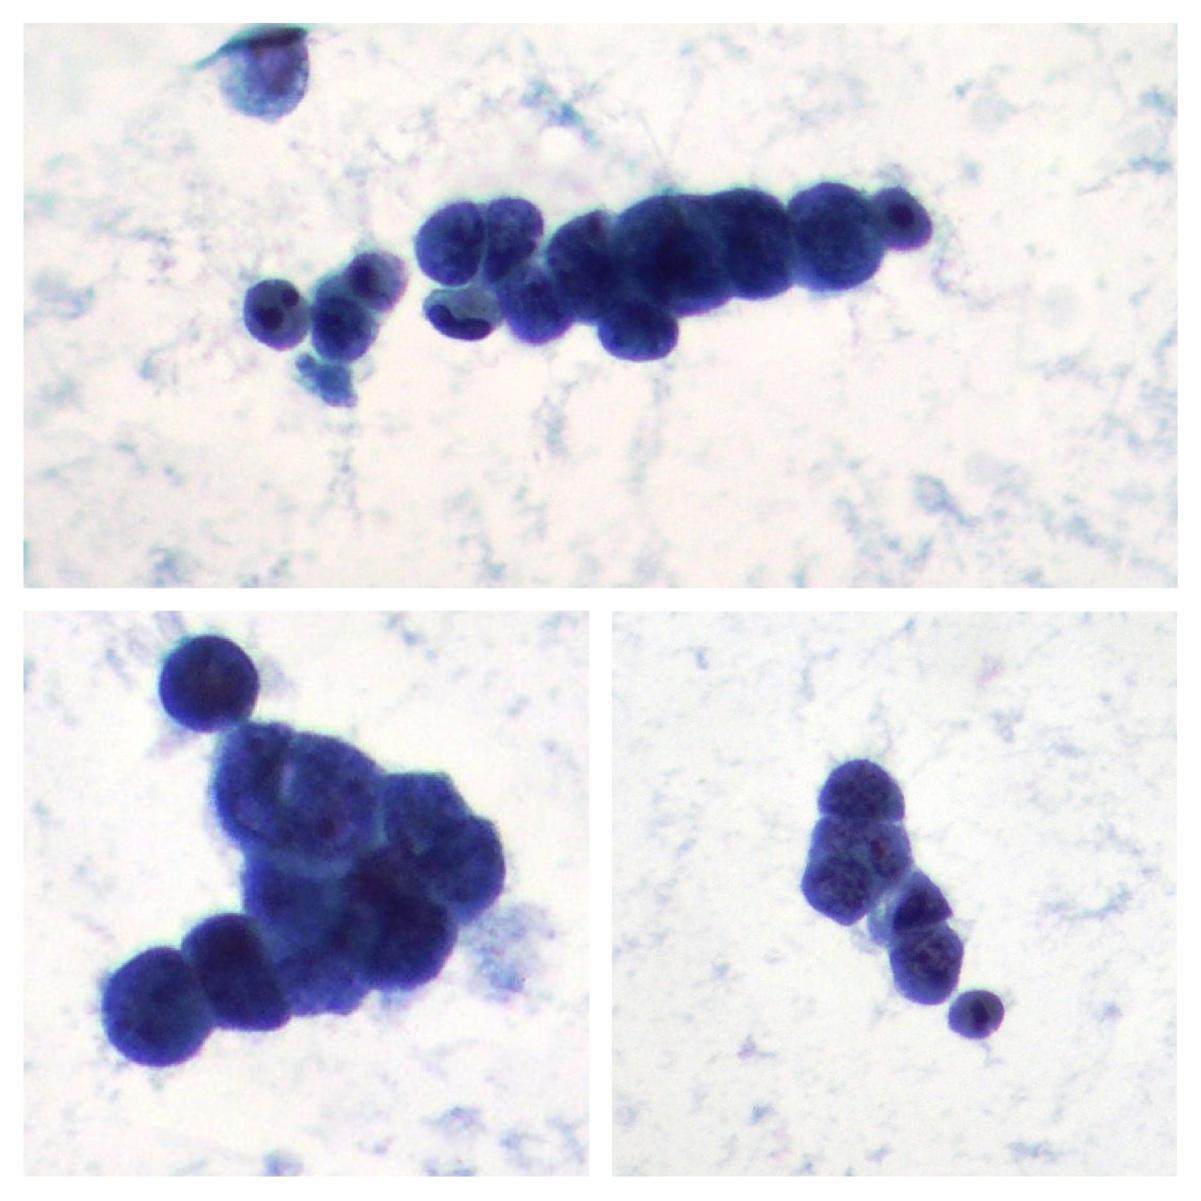 microcitoma pleural effusion